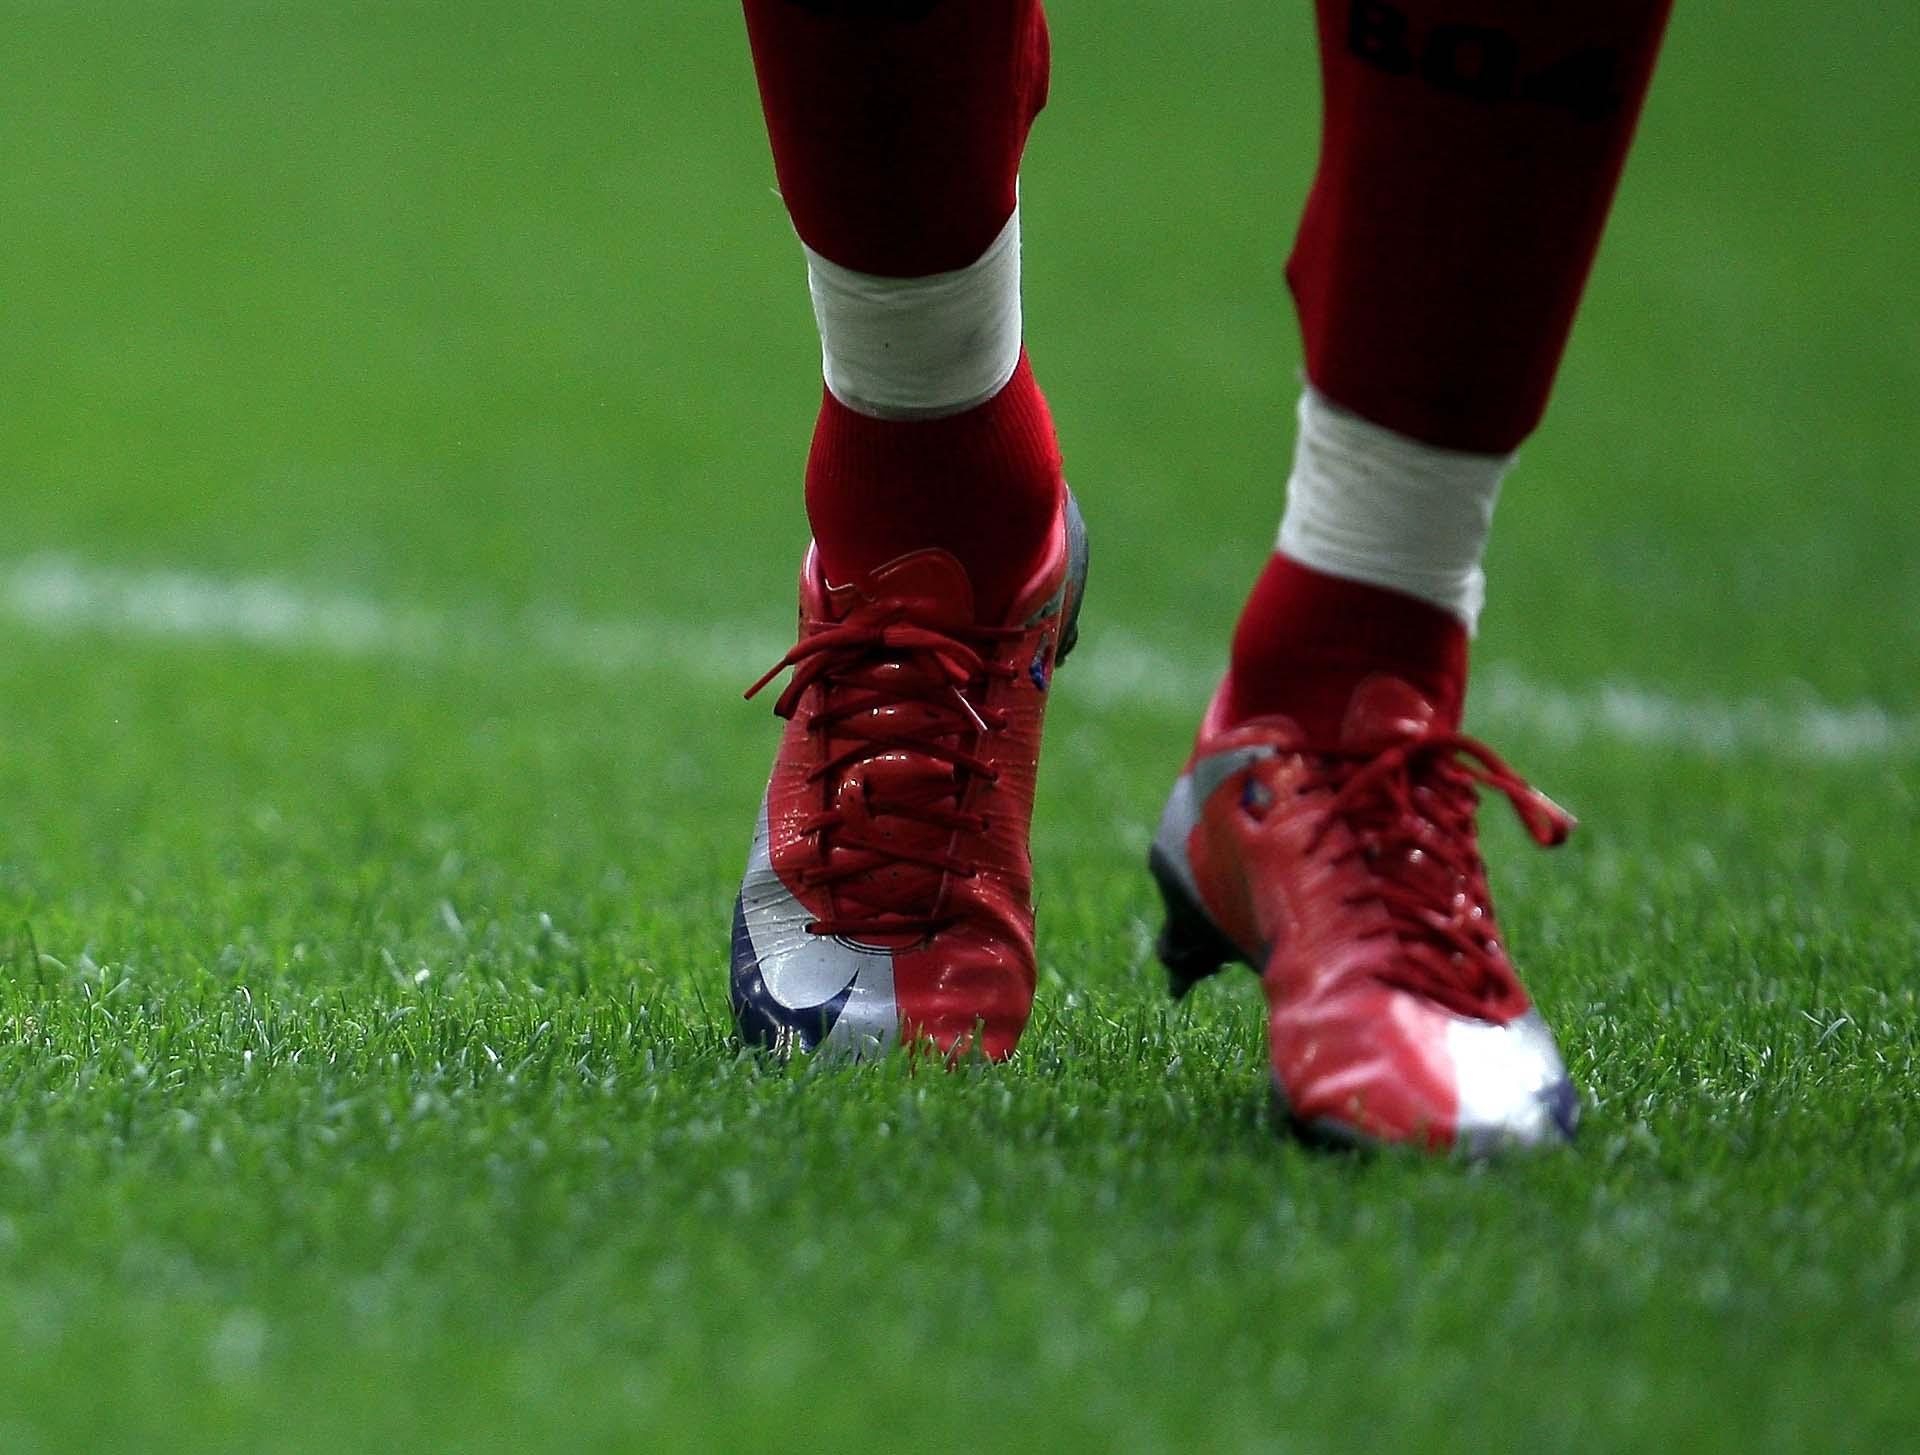 Đôi giày Nike Mercurial Superfly I đã đạt được trọng lượng siêu nhẹ tuy nhiên bị tính toàn sai về độ bền